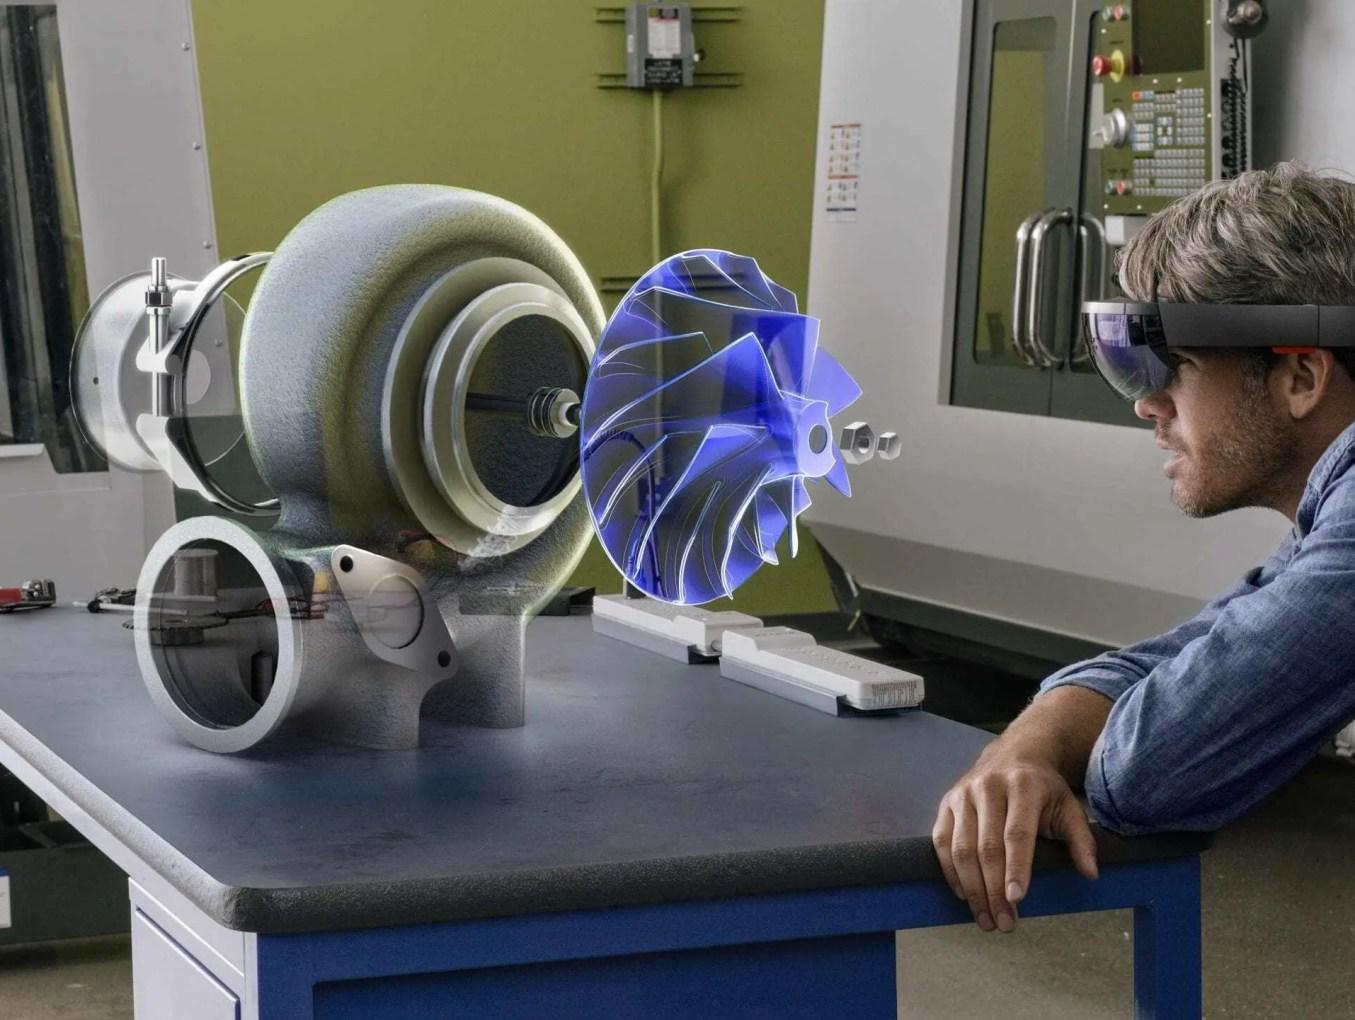 Tecnologia - A Realidade Virtual e seu potencial